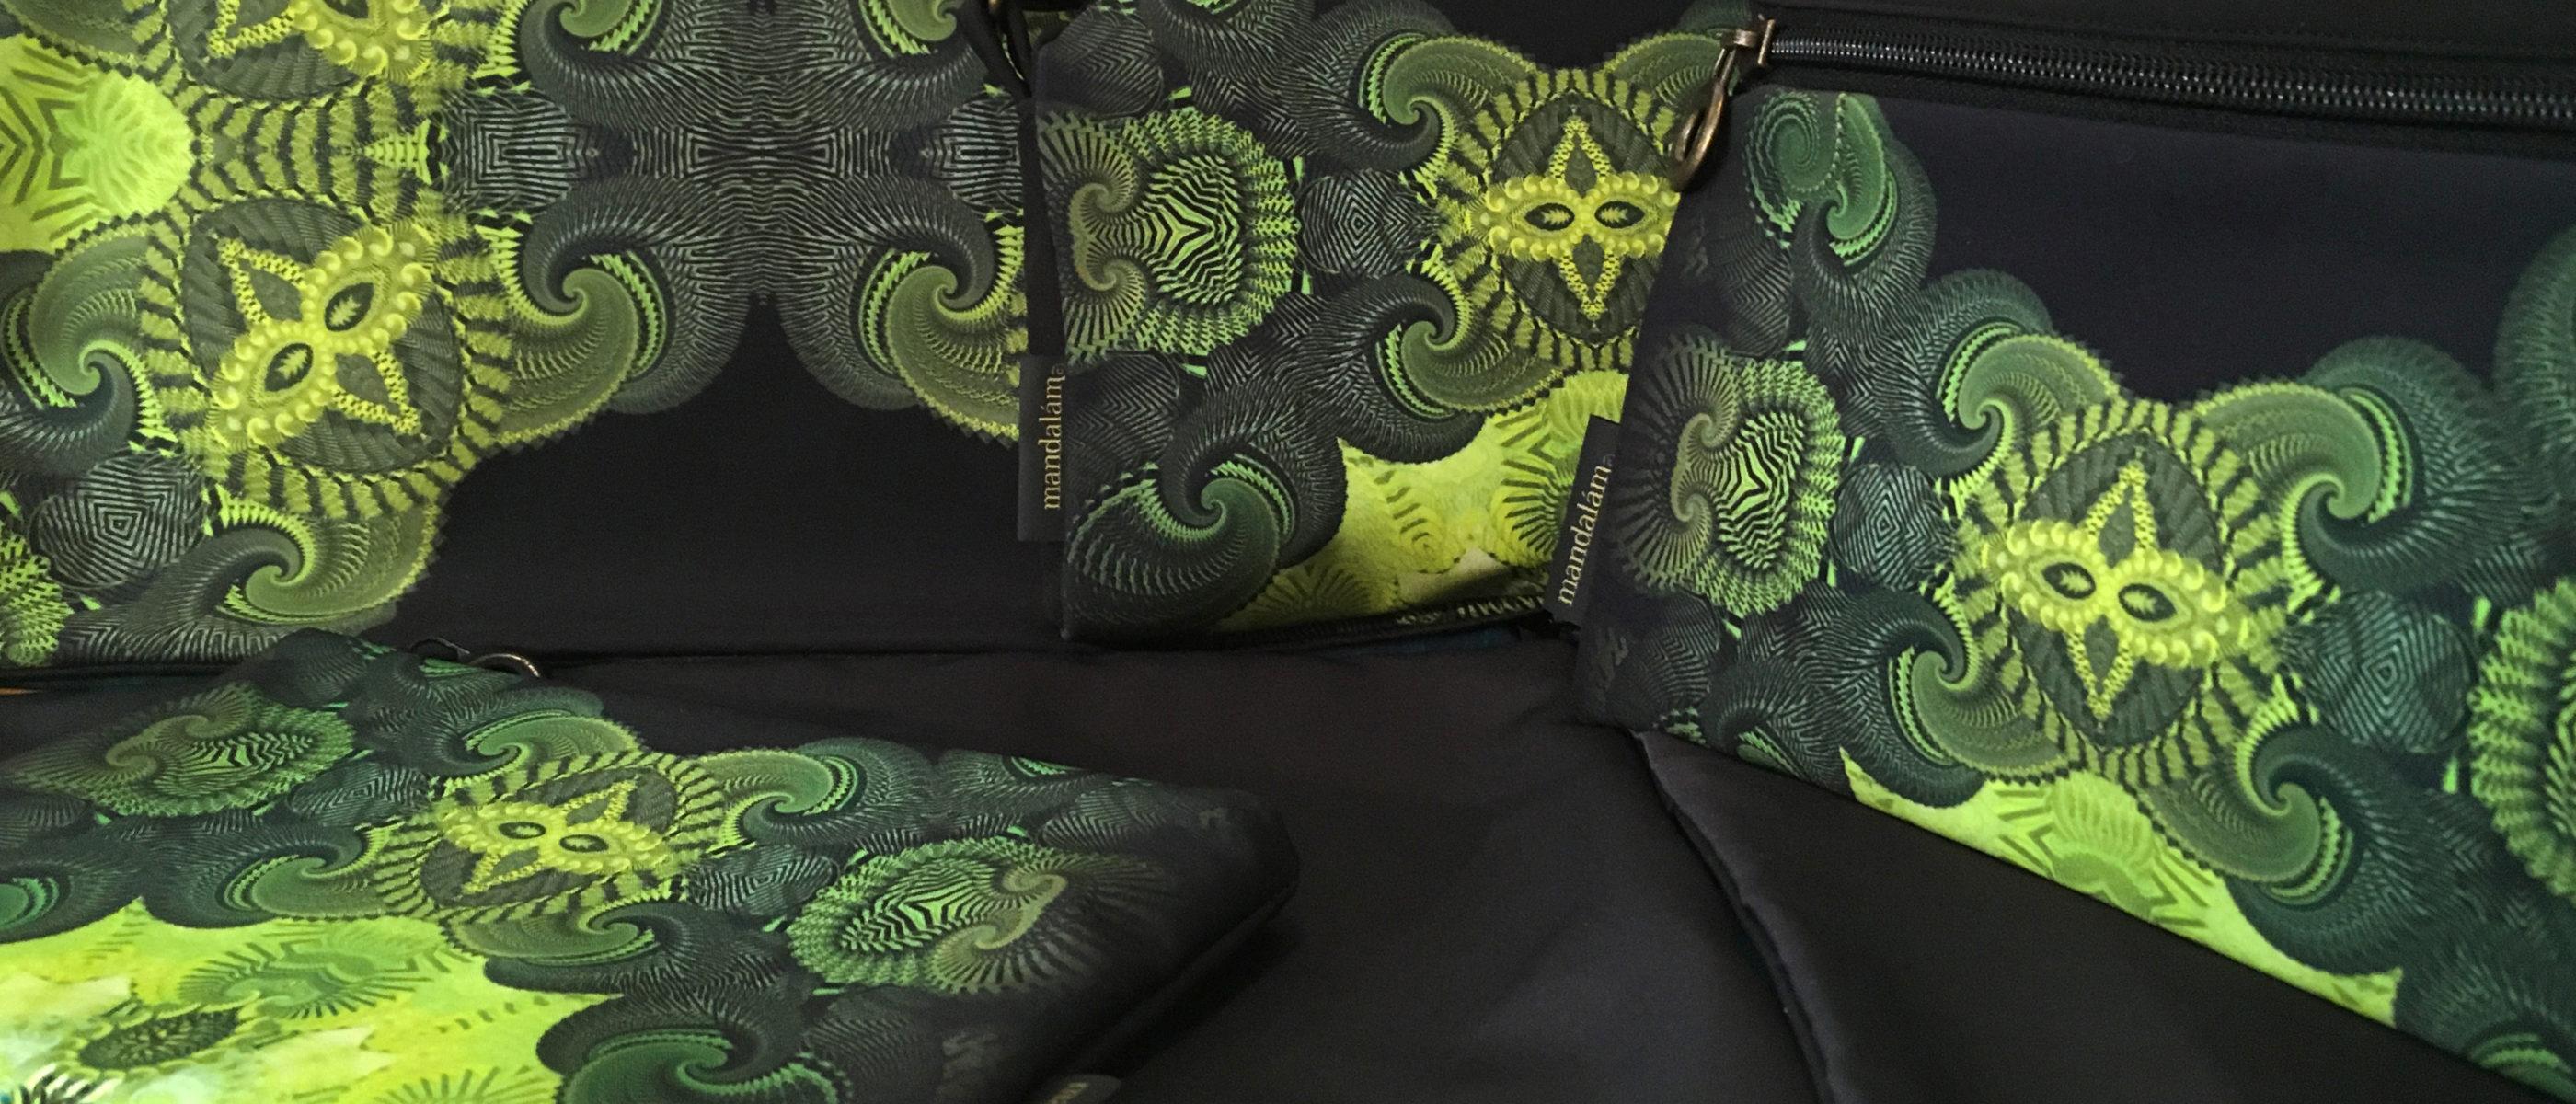 egyedi táska, mandala minta, cserélhető előlapos kis táska